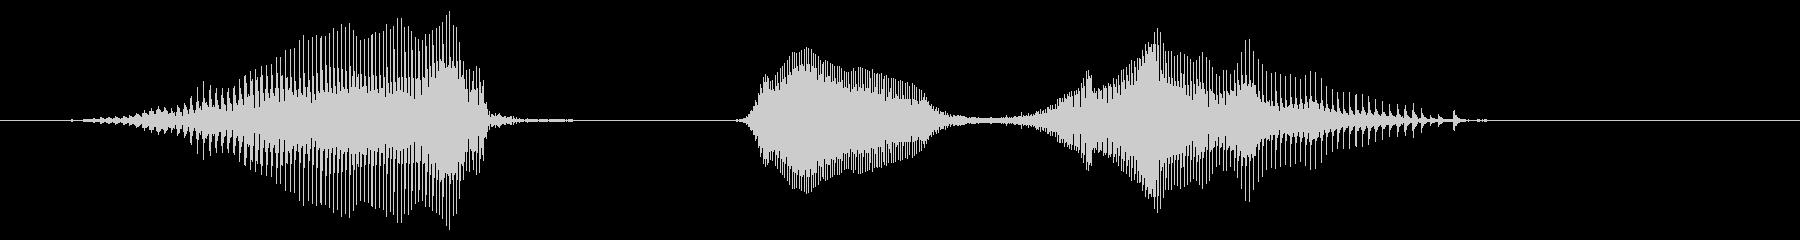 やったぜ_高音の未再生の波形